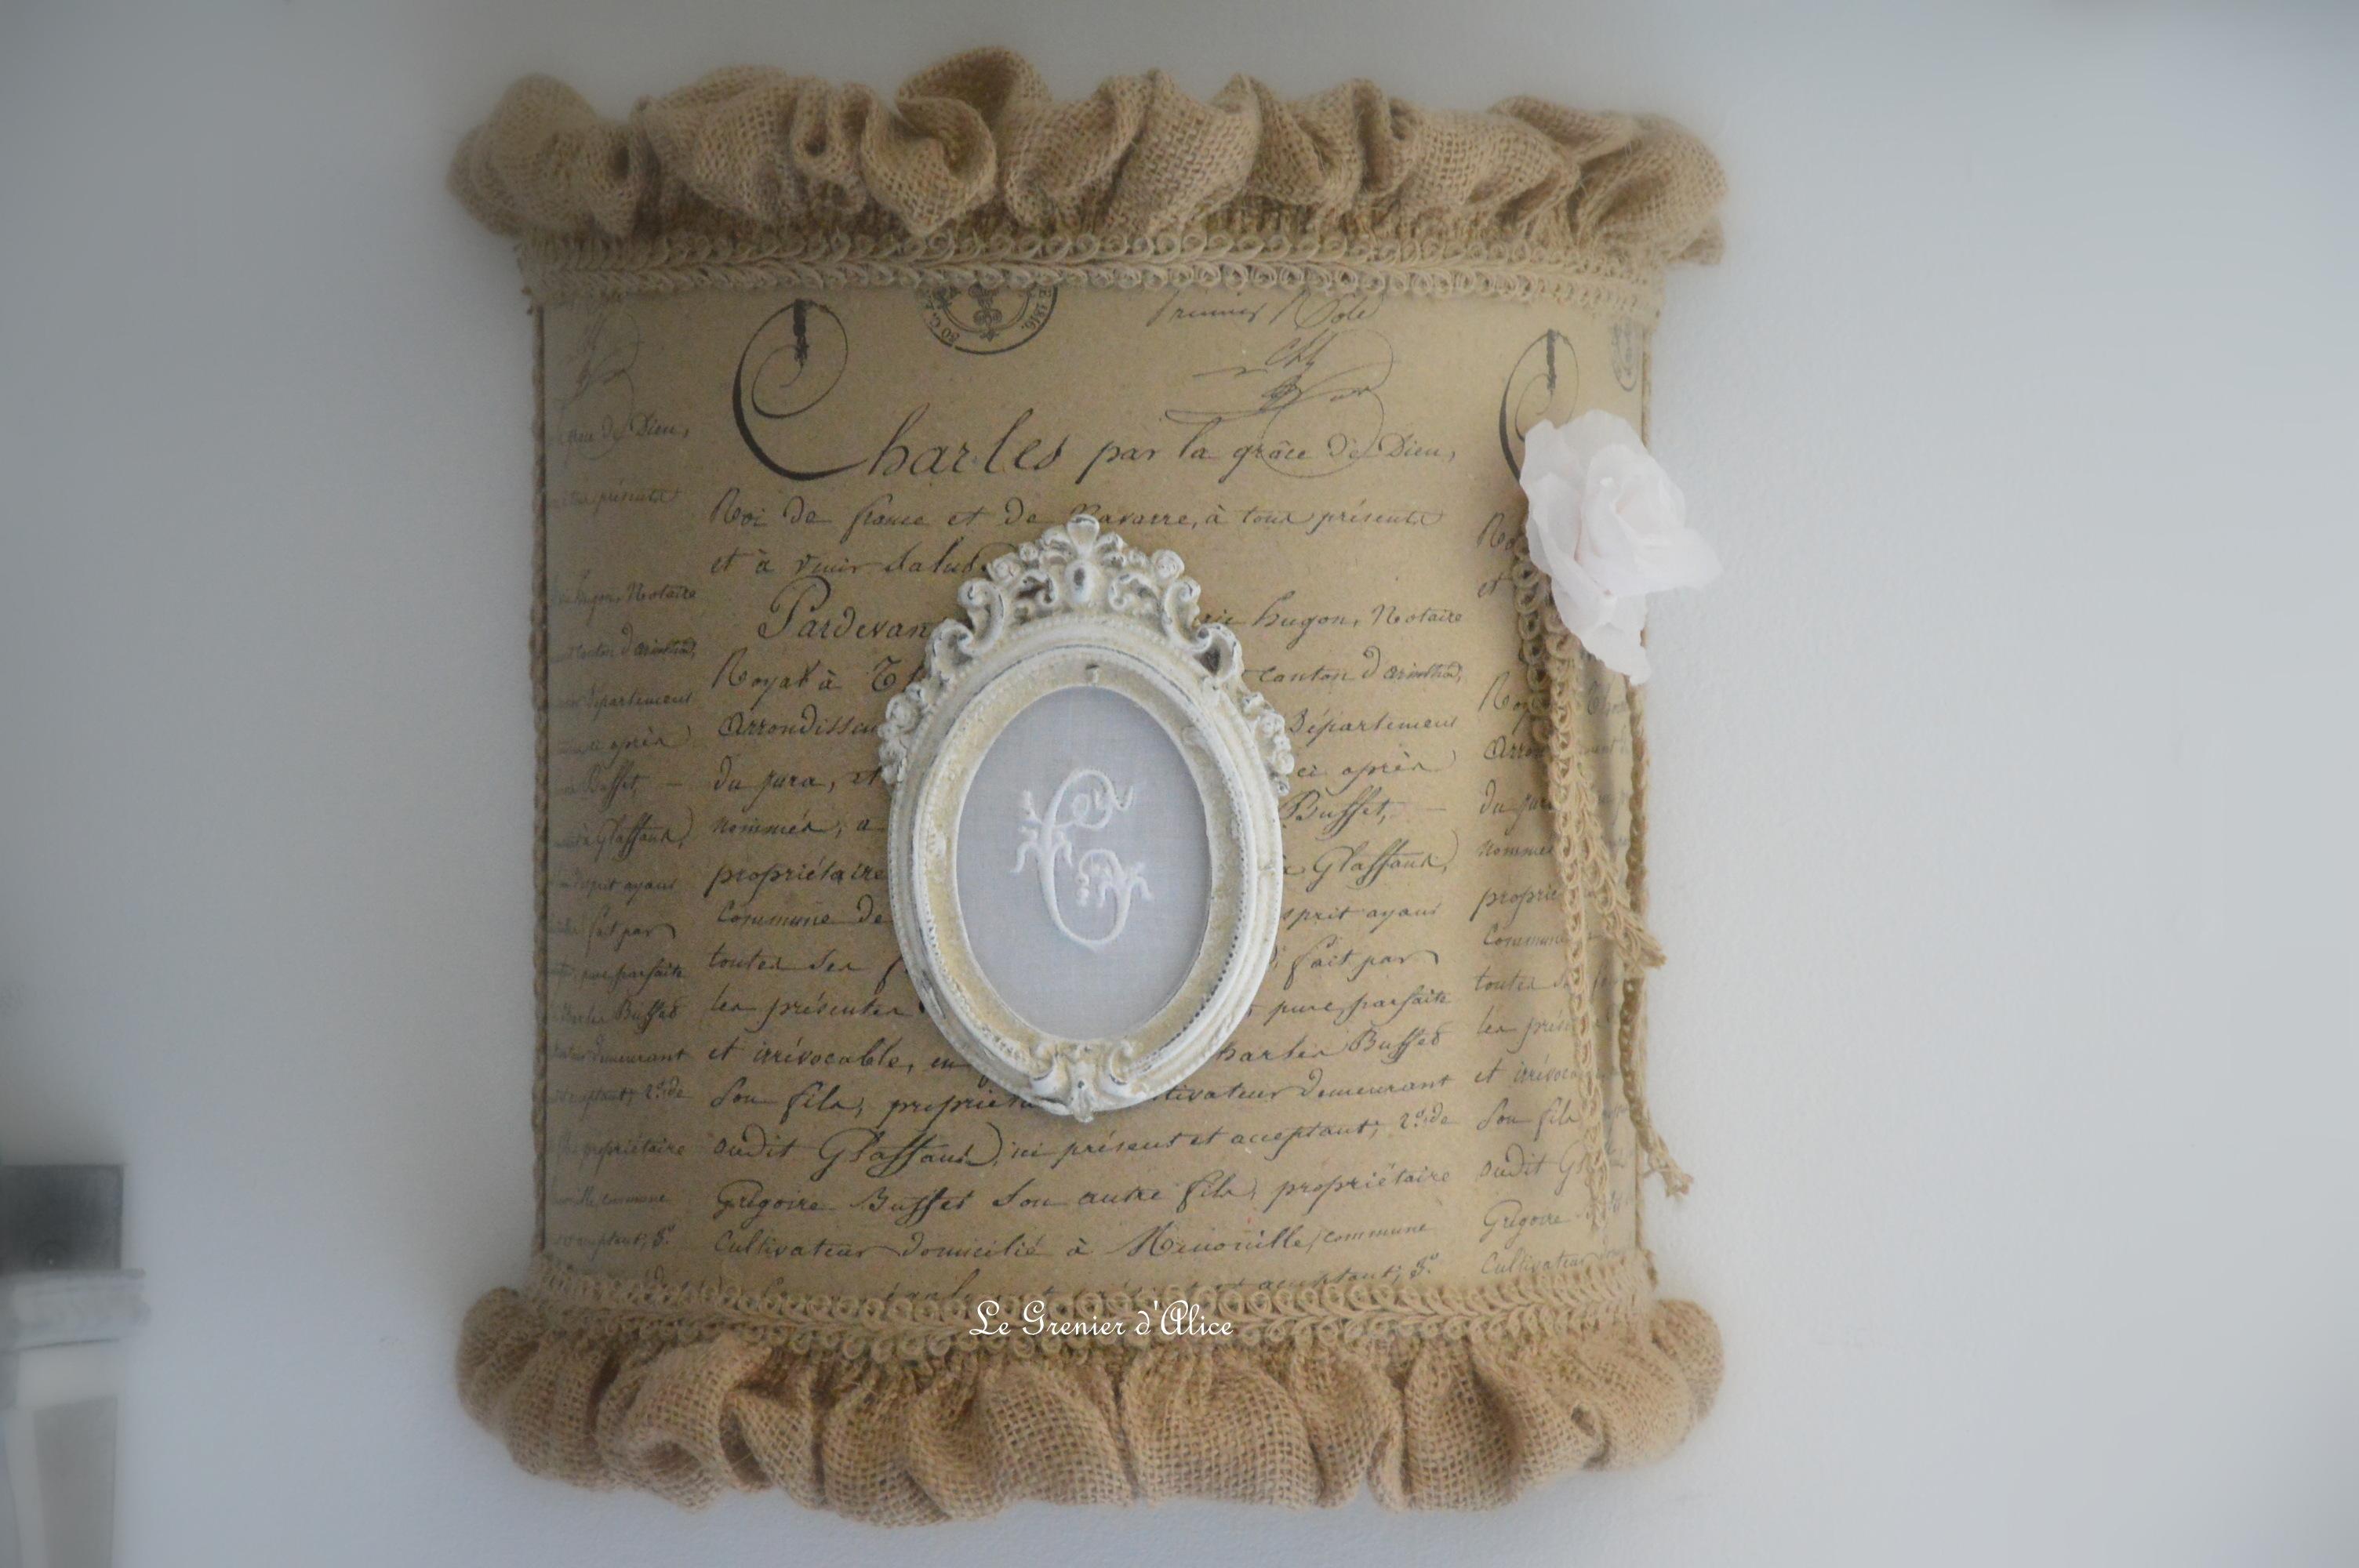 Applique abat jour écran papier manuscrit style ancien jute froufrou ornement patiné broderie monogramme broderie machine rose papier crépon rose poudré